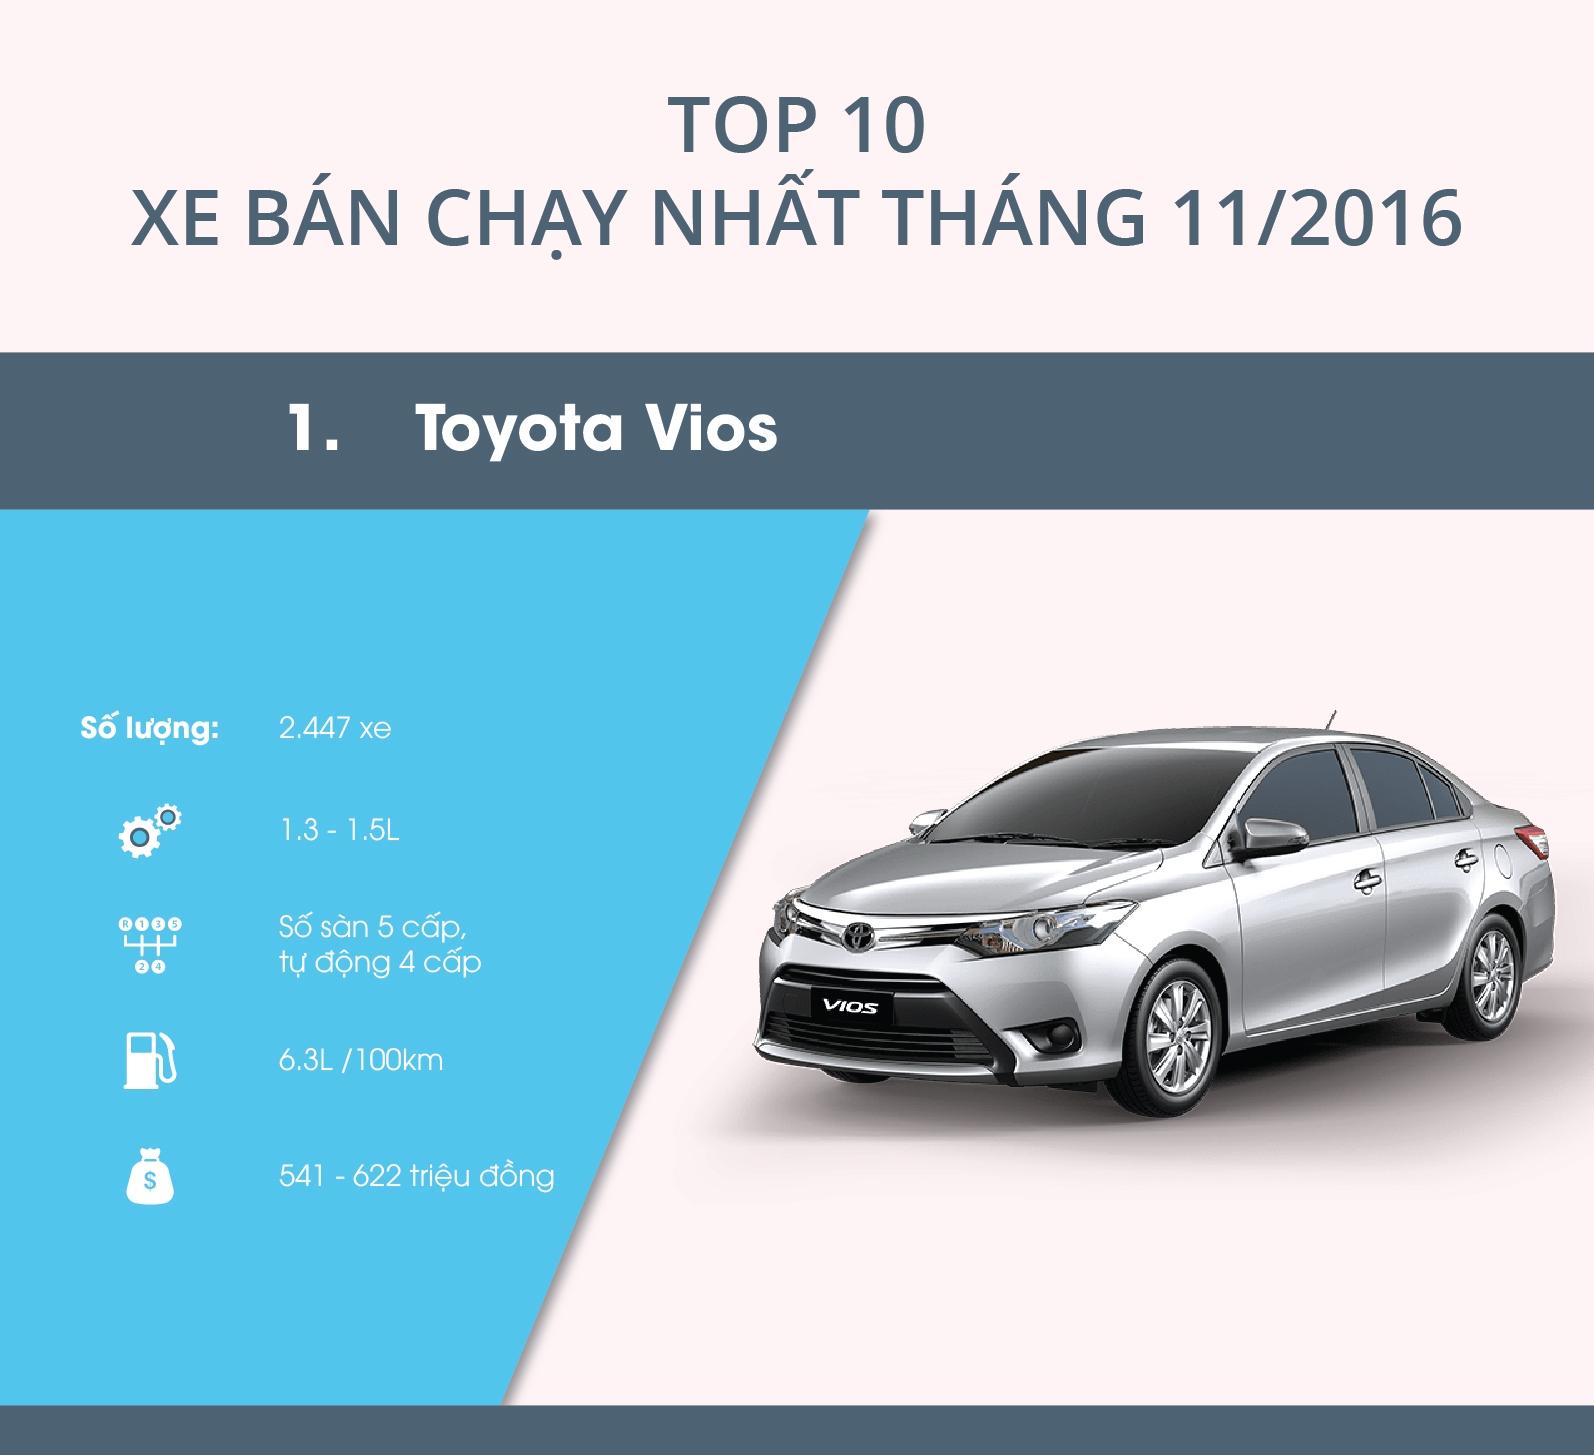 Infographic: Top 10 xe bán chạy nhất tháng 11/2016